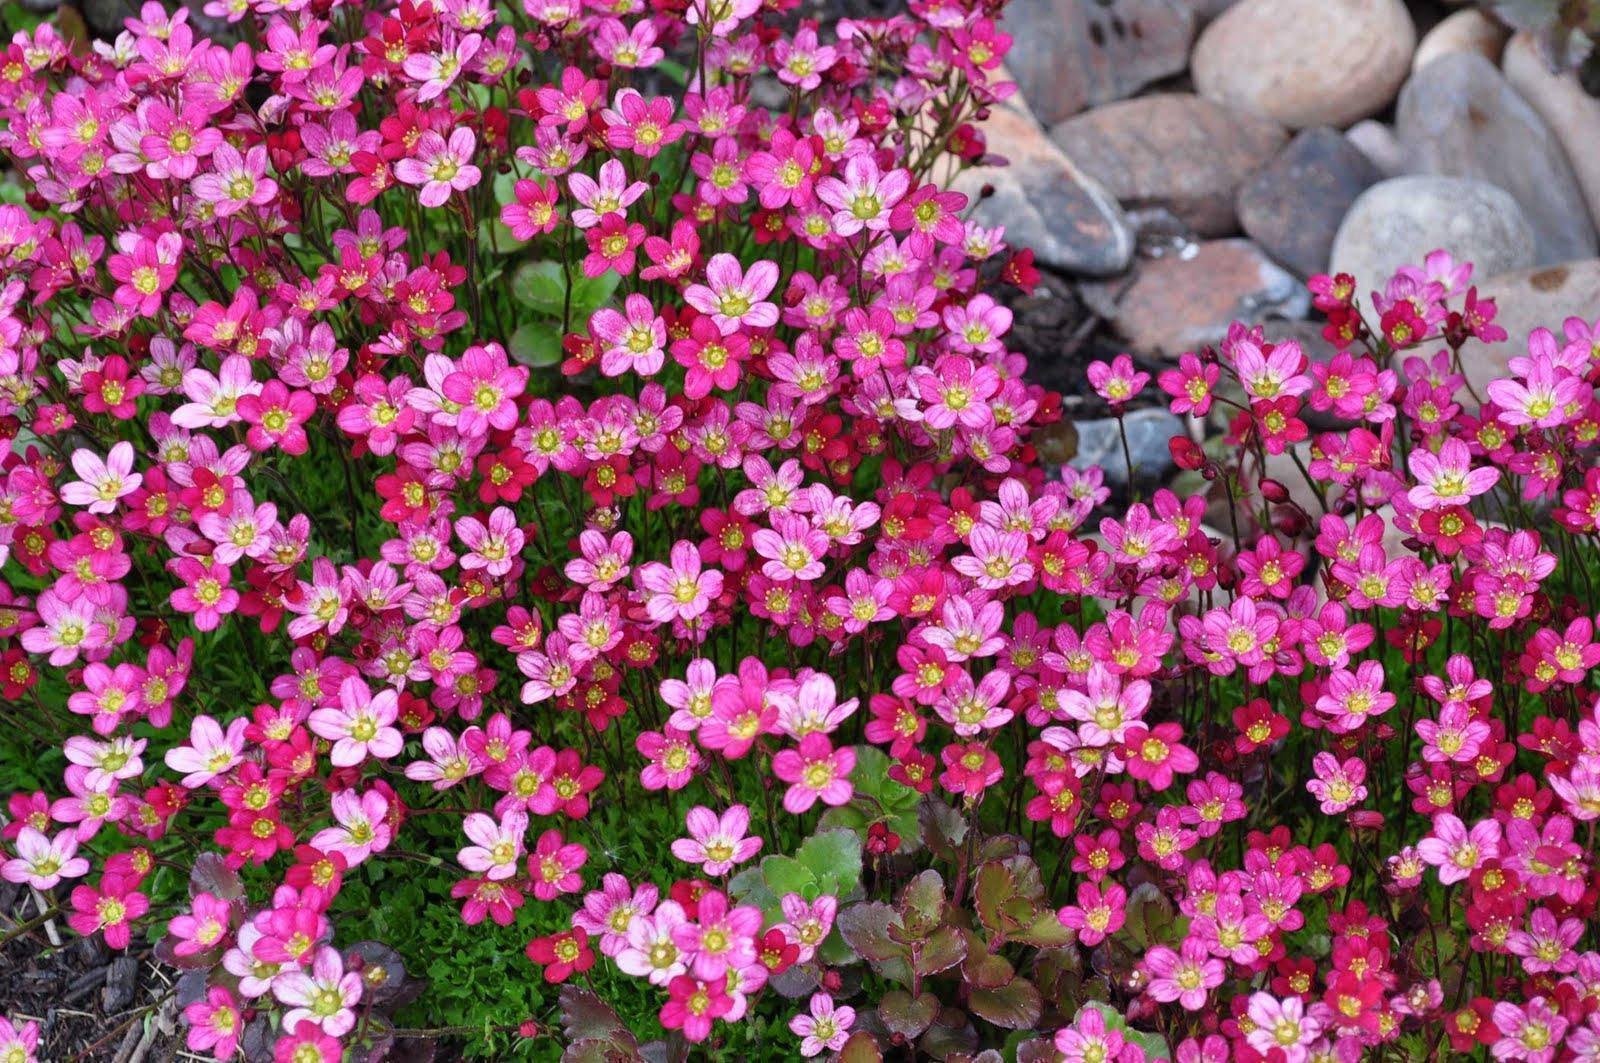 Которые стелятся по земле фото цветов